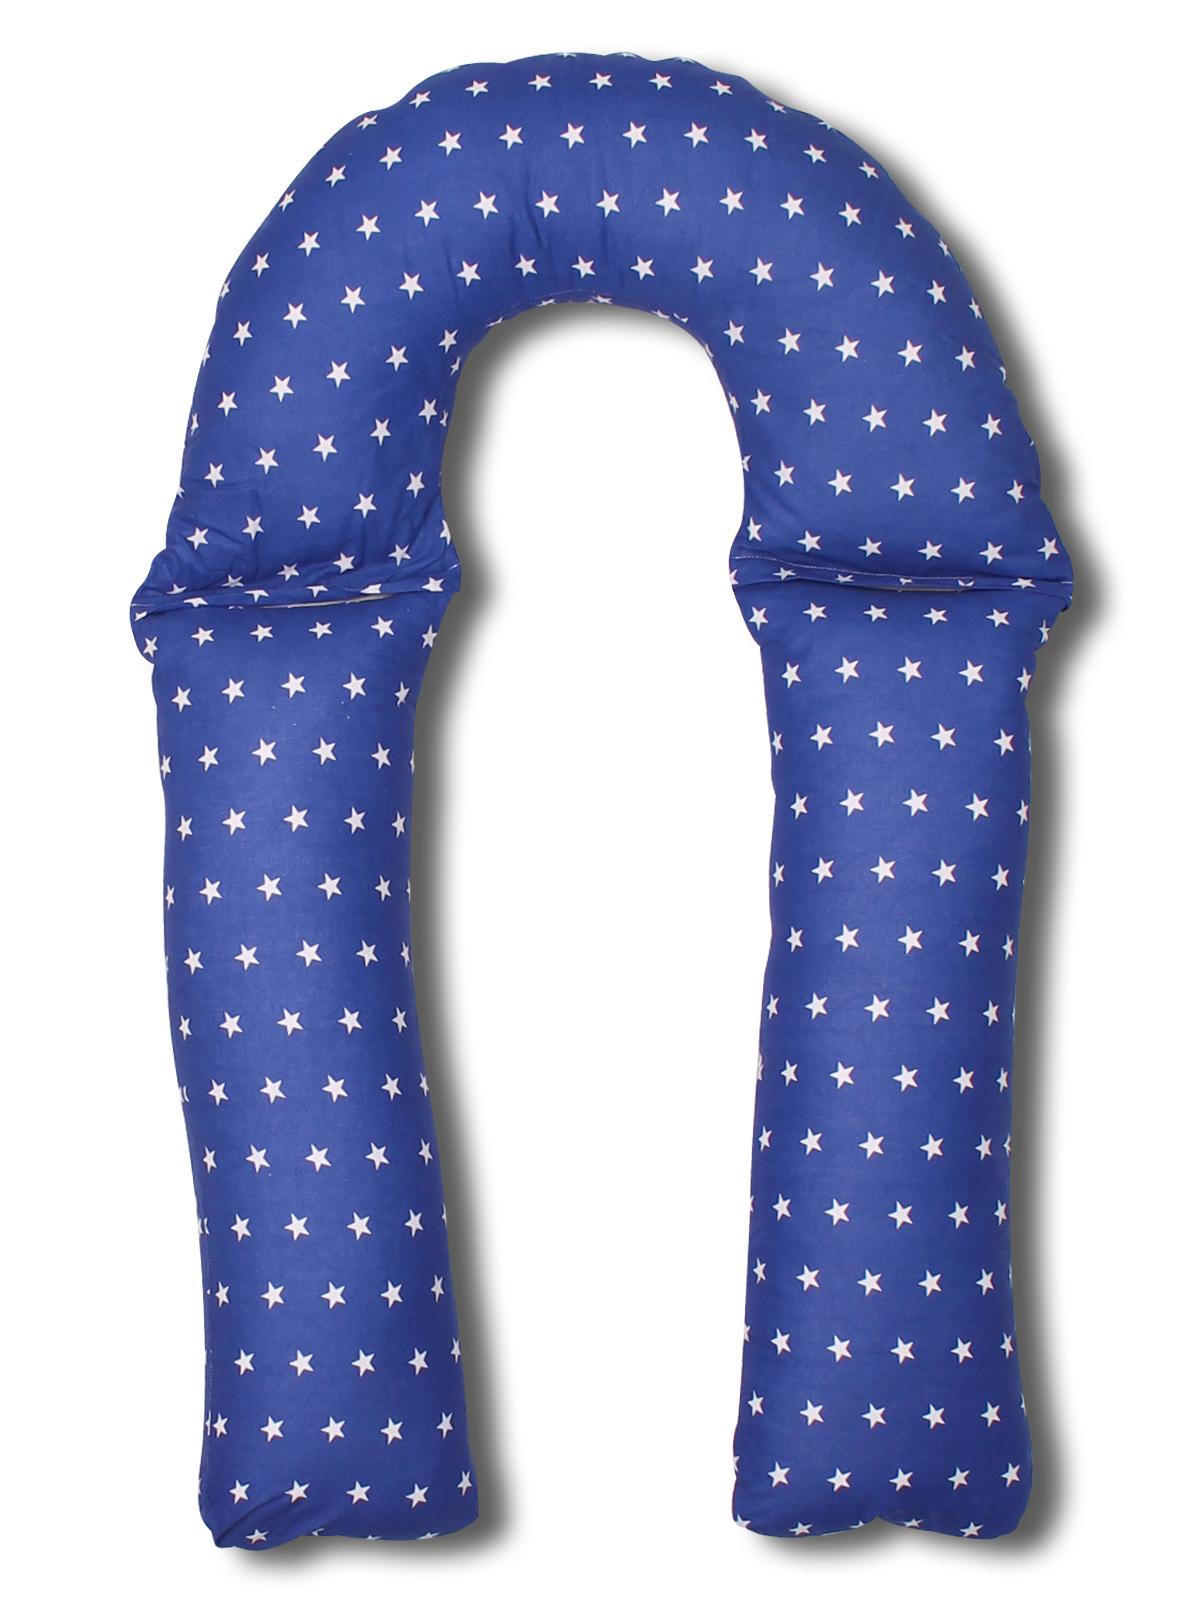 Чехол для подушки для беременных Body Pillow трансформер форма U звезды комби, синий body pillow чехол для подушки для беременных u образный цвет бежевый золотой